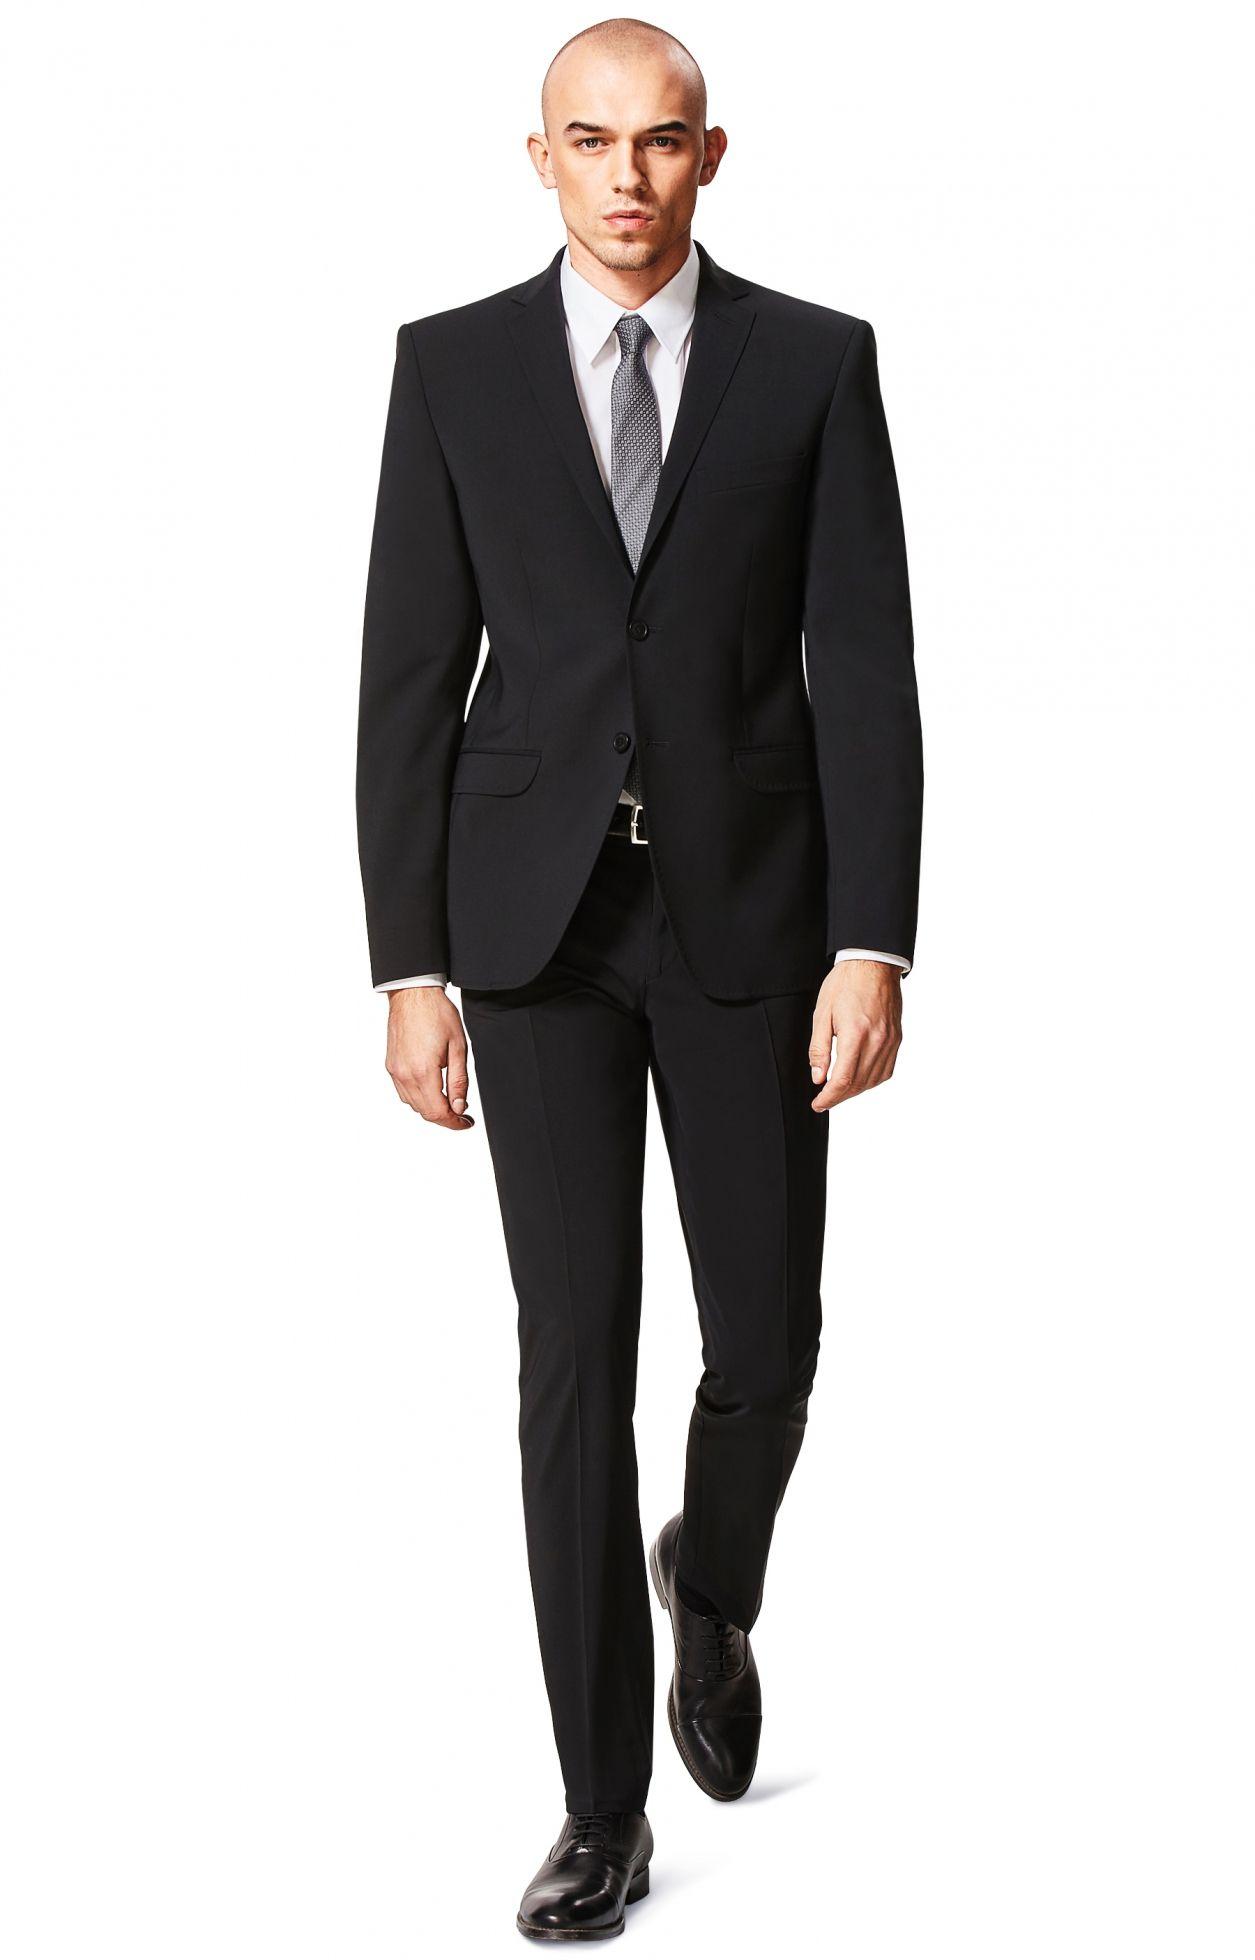 Garnitur New Bronx 1499 00 Zl 72726 Suit Jacket Suits Fashion